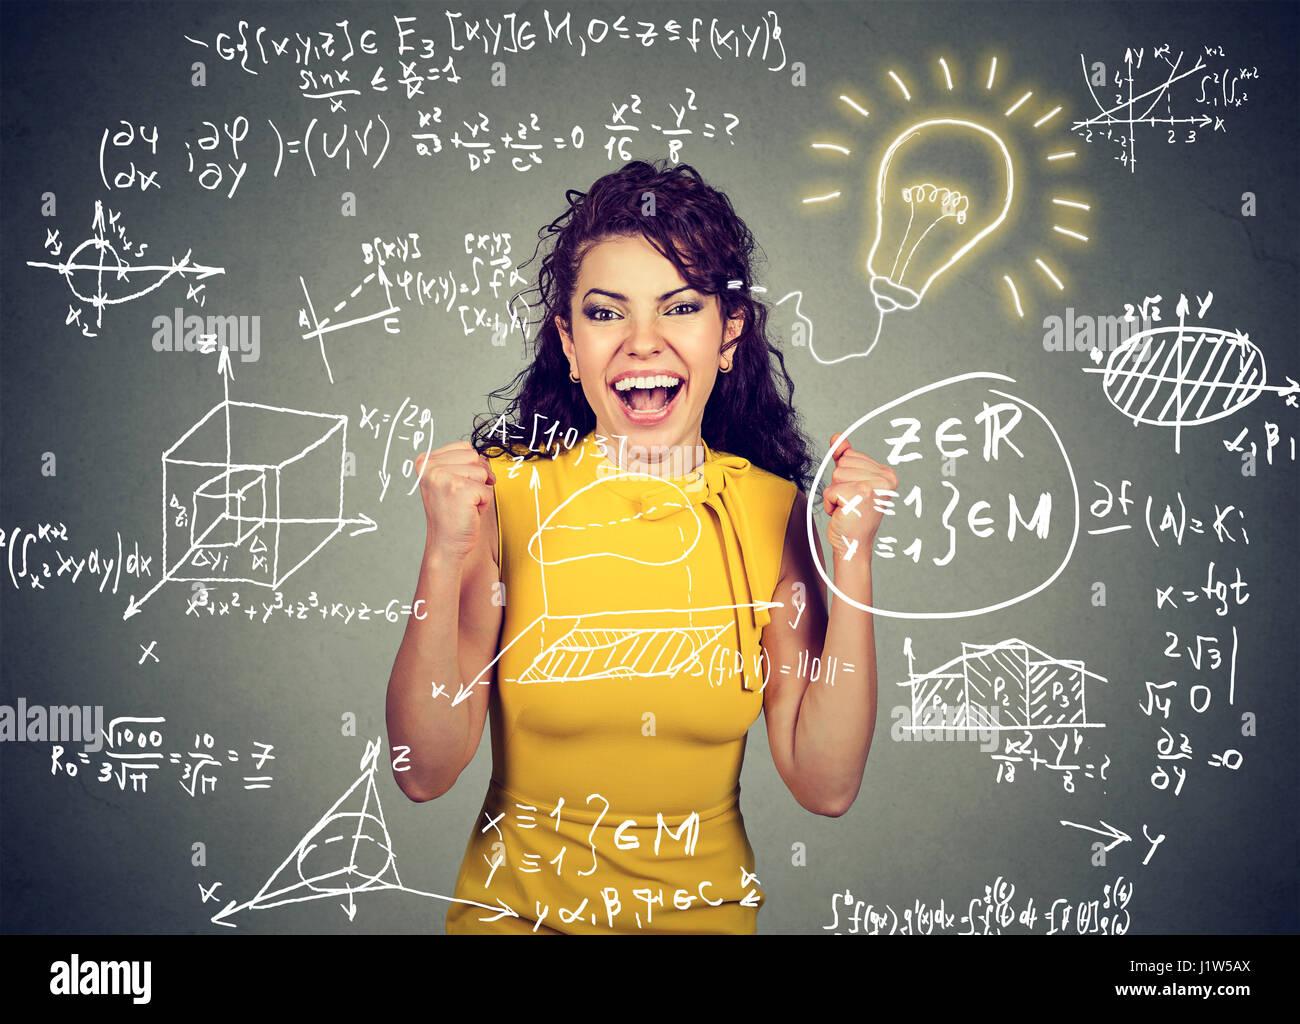 Smart Emocionados mujer estudiante con idea brillante bombilla y high school de fórmulas matemáticas y Imagen De Stock